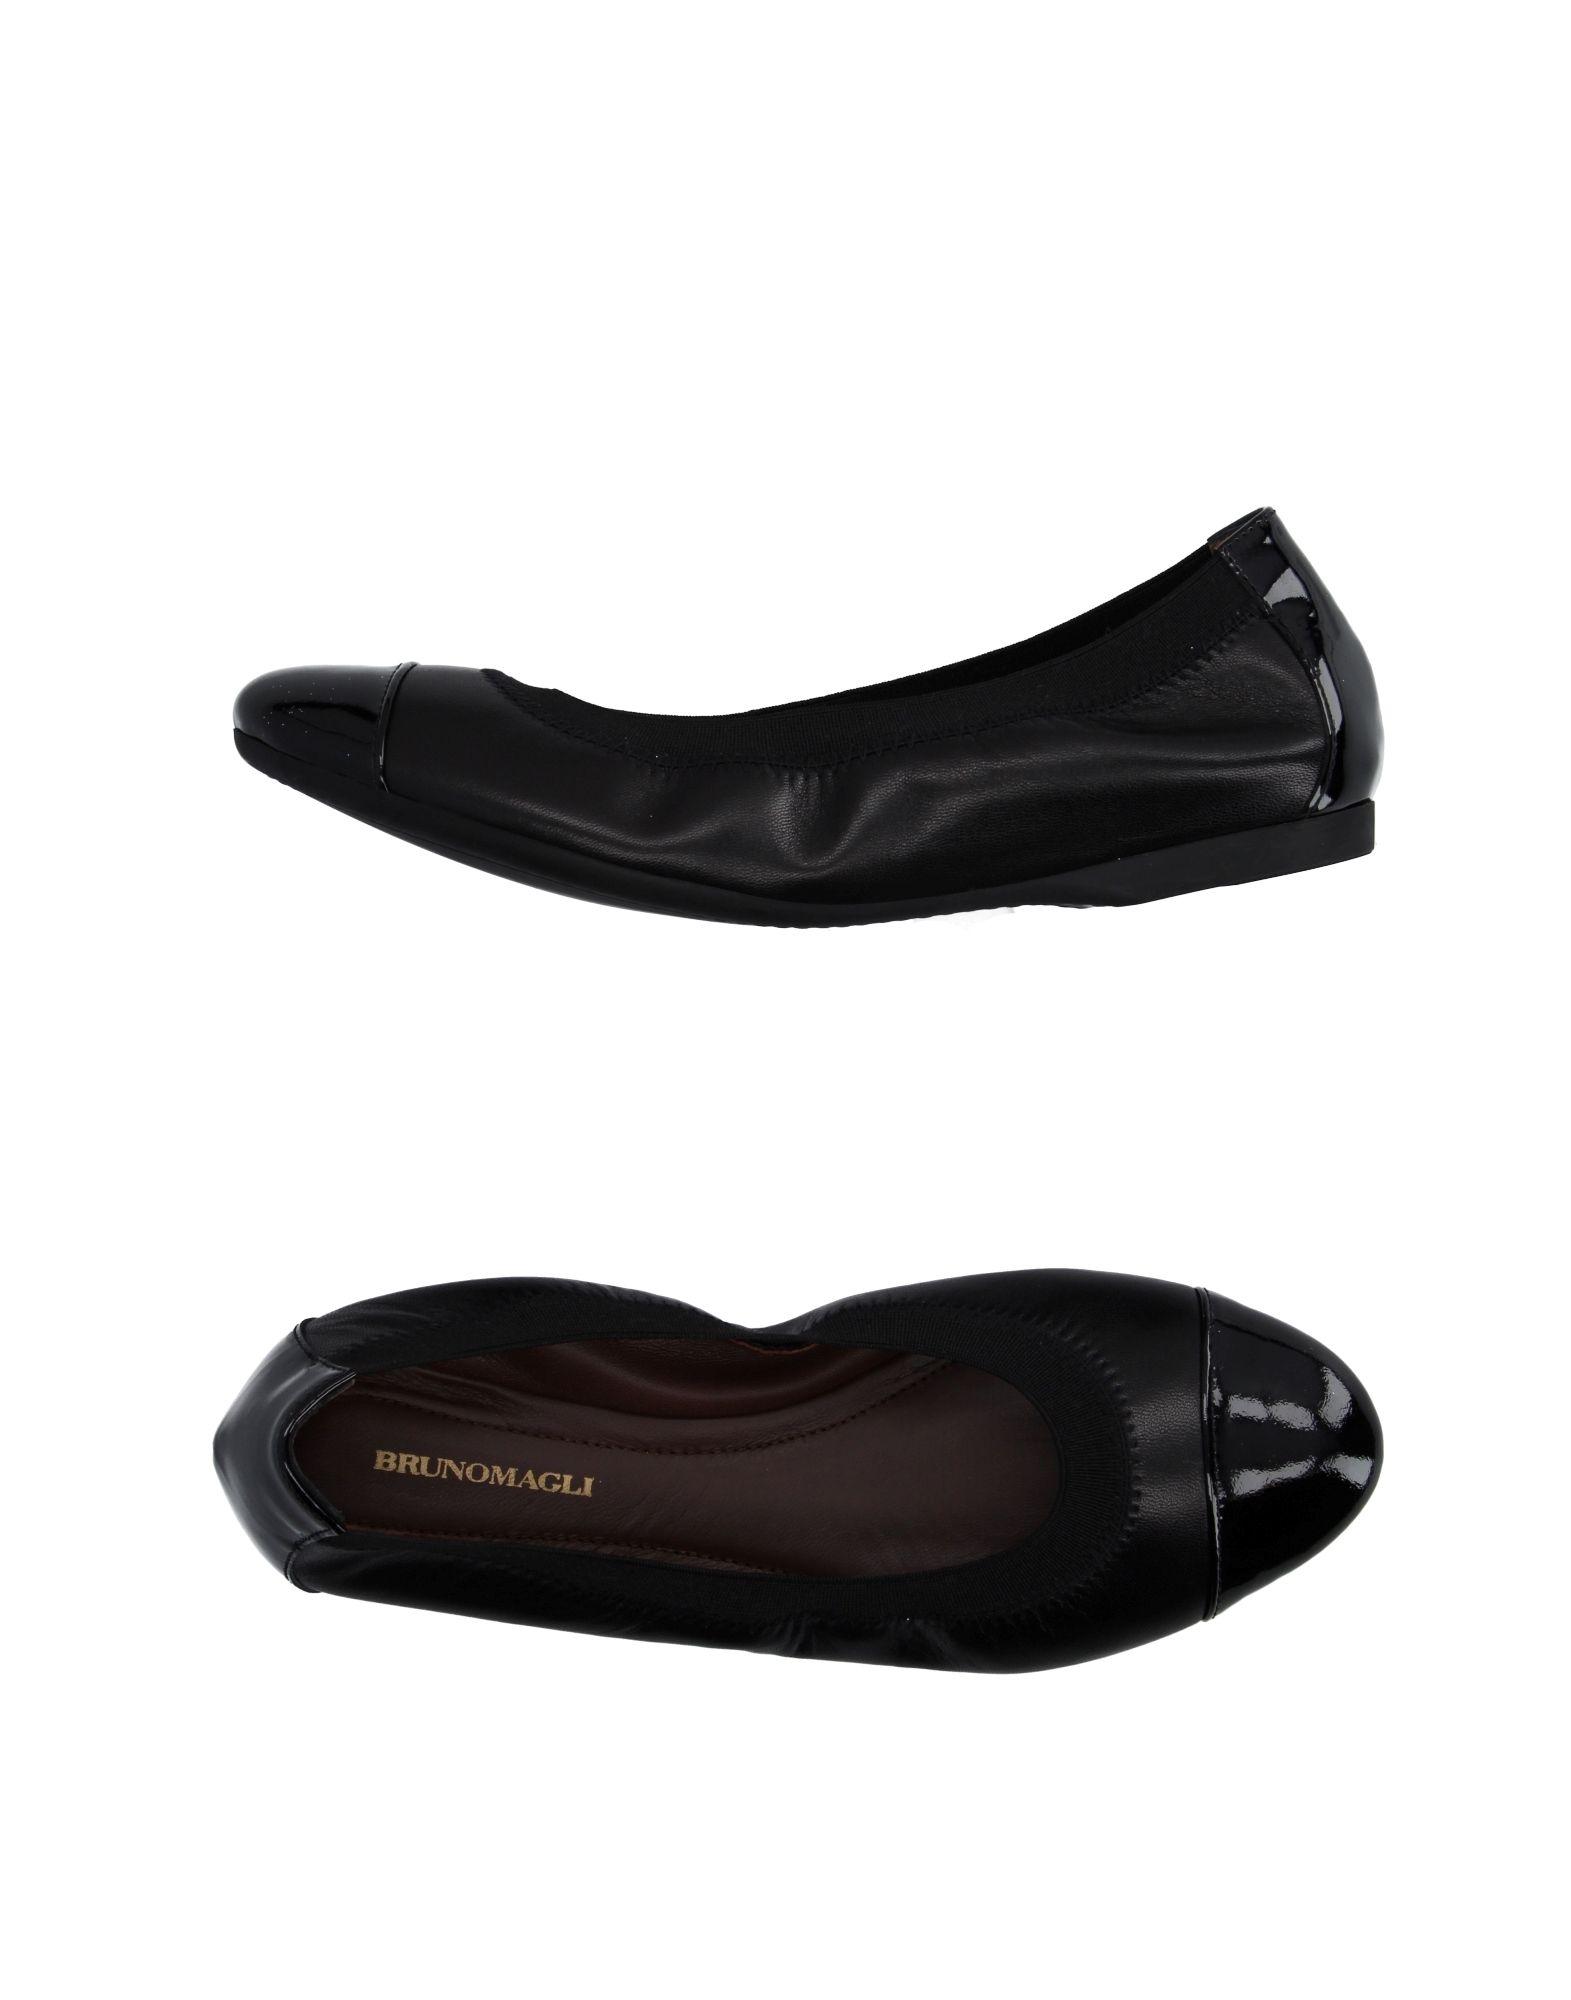 Bruno Magli Ballerinas Damen  11074417MI Gute Qualität beliebte Schuhe